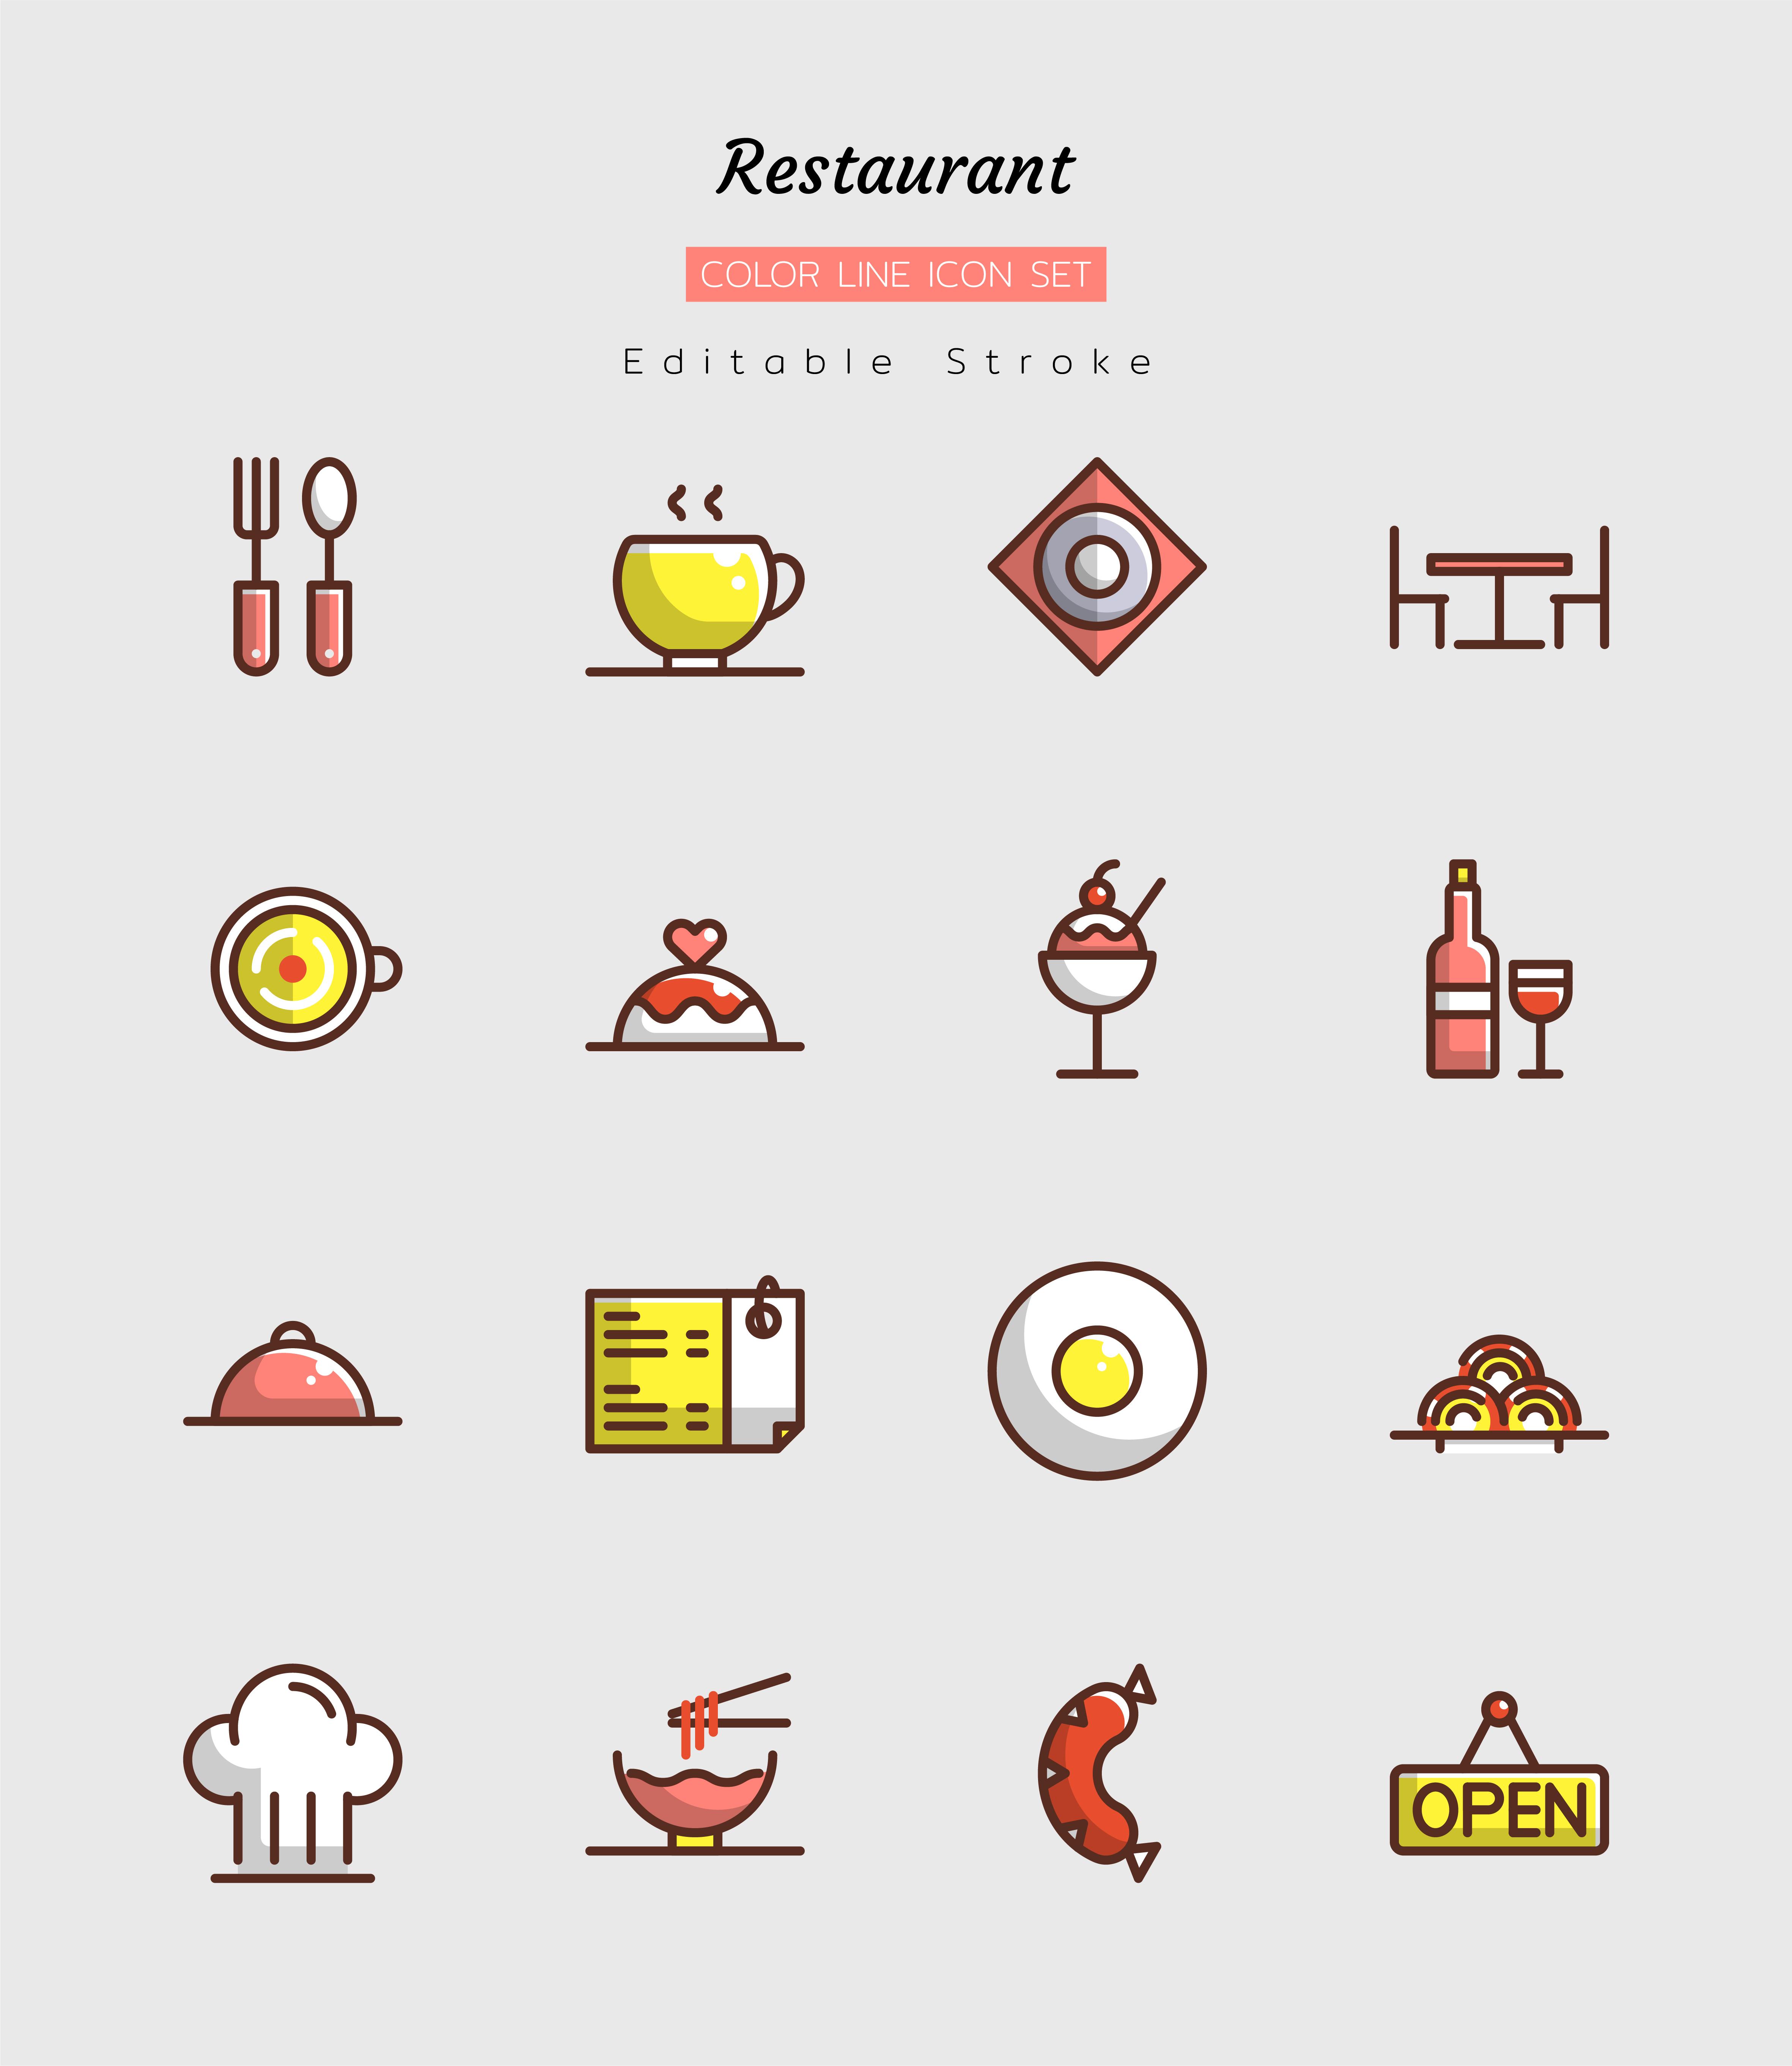 conjunto de símbolos de ícone de restaurante em linha preenchida